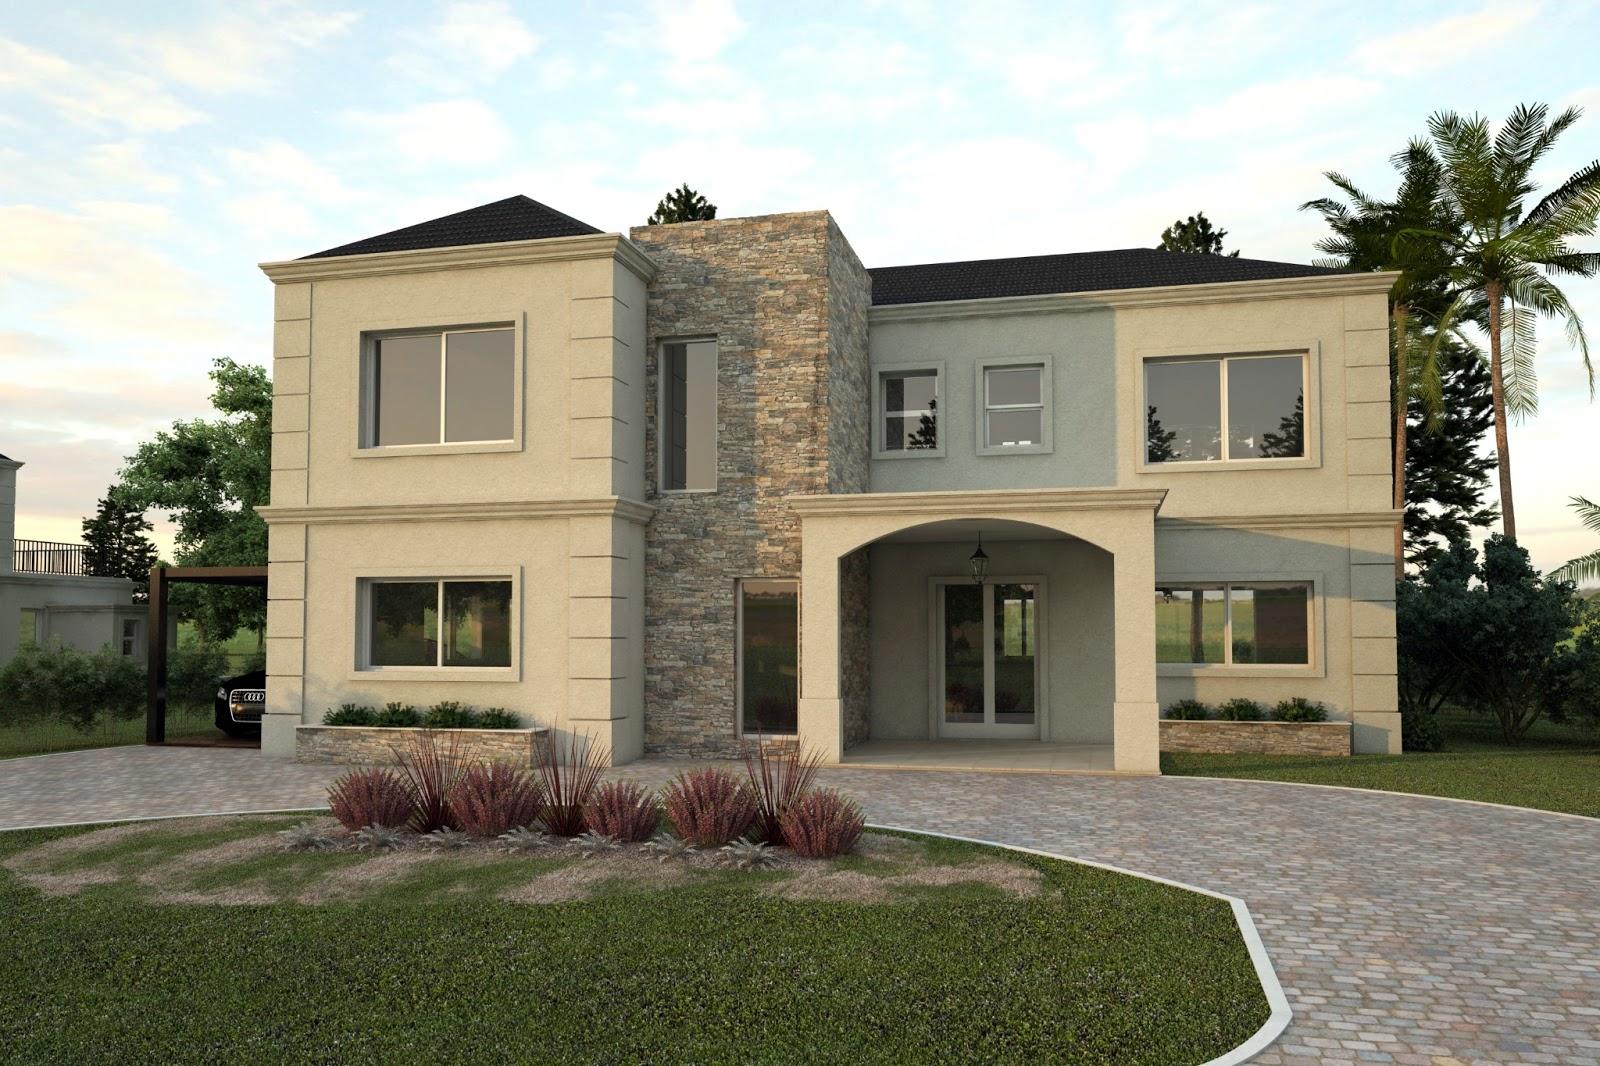 Renderizar arquitectura imagenes 3d renders for Casas ideas y proyectos